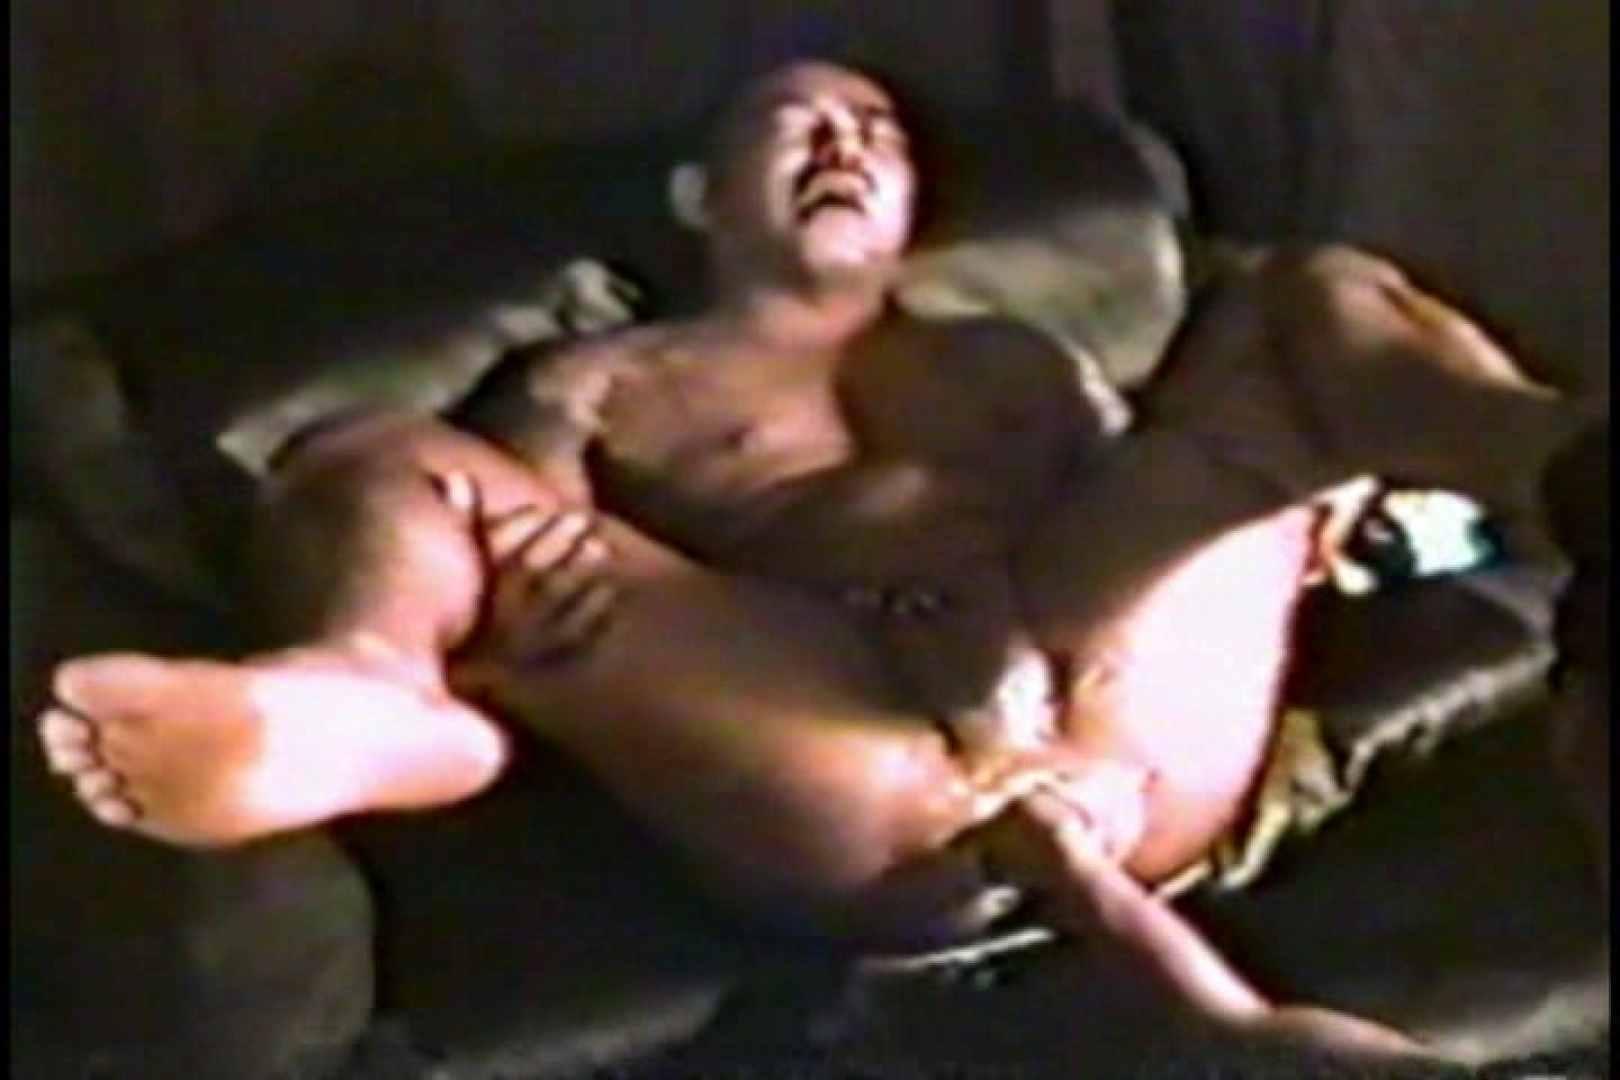 超絶!!極めたオヤジのフィスト!! 念願の完全無修正 ゲイセックス画像 106連発 52